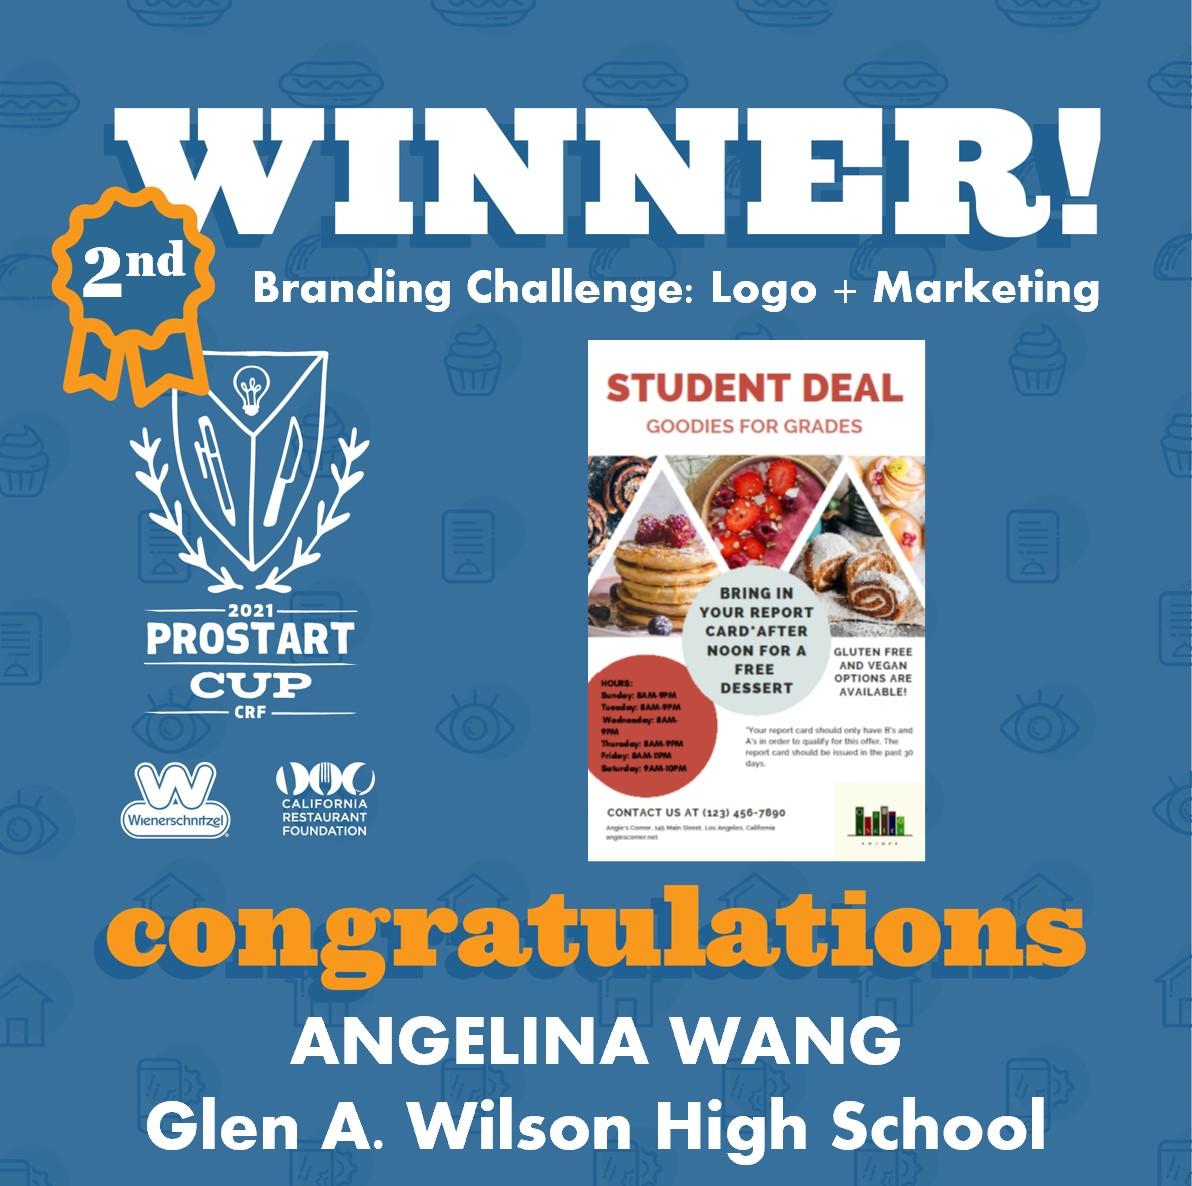 2021 ProStart Winner - Branding Challenge: Logo + Marketing - 2nd Place